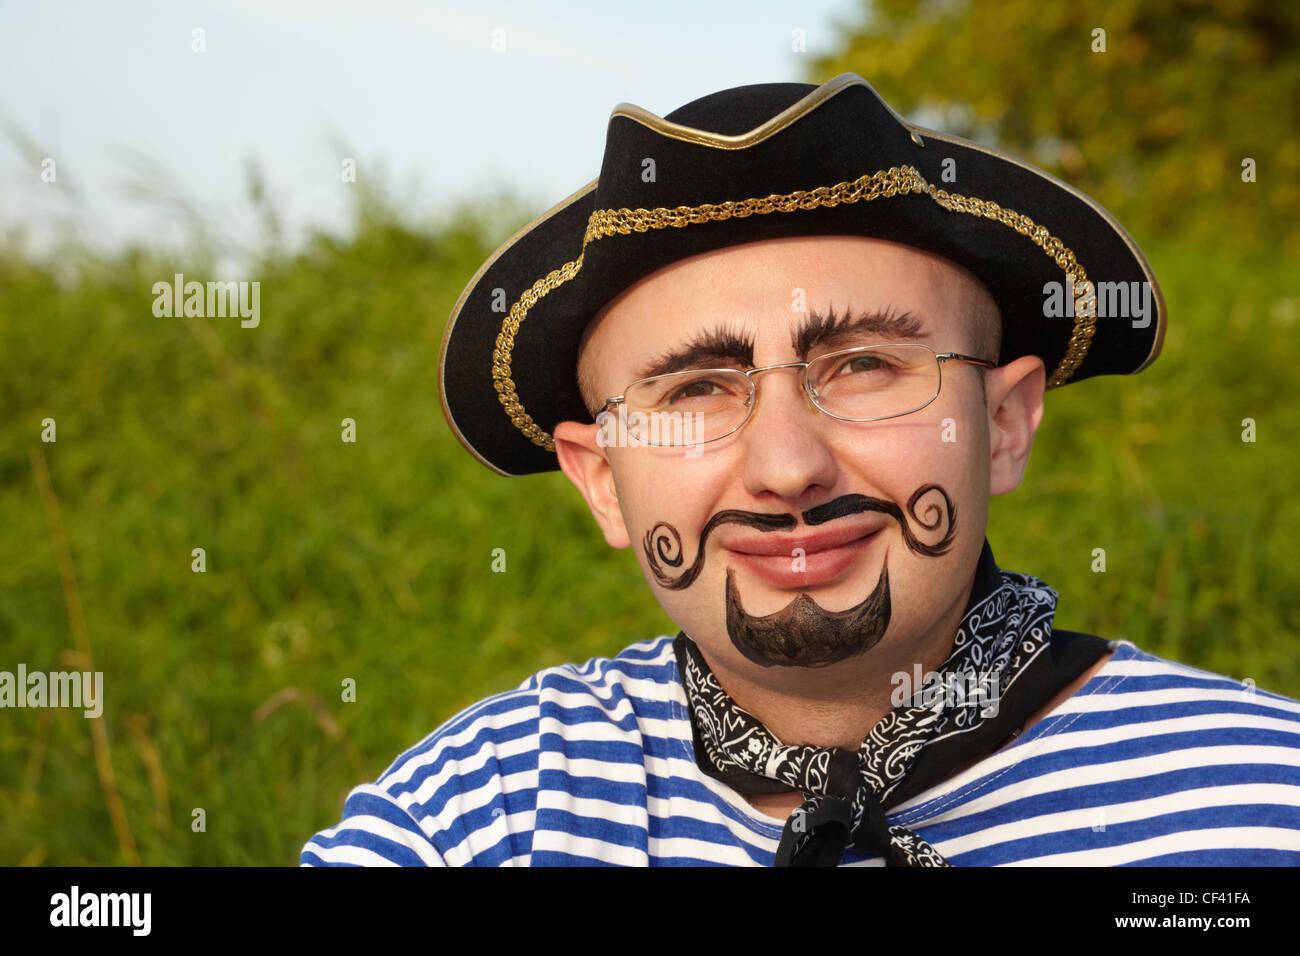 Pirate Beard Man Stock Photos & Pirate Beard Man Stock ... - photo#46